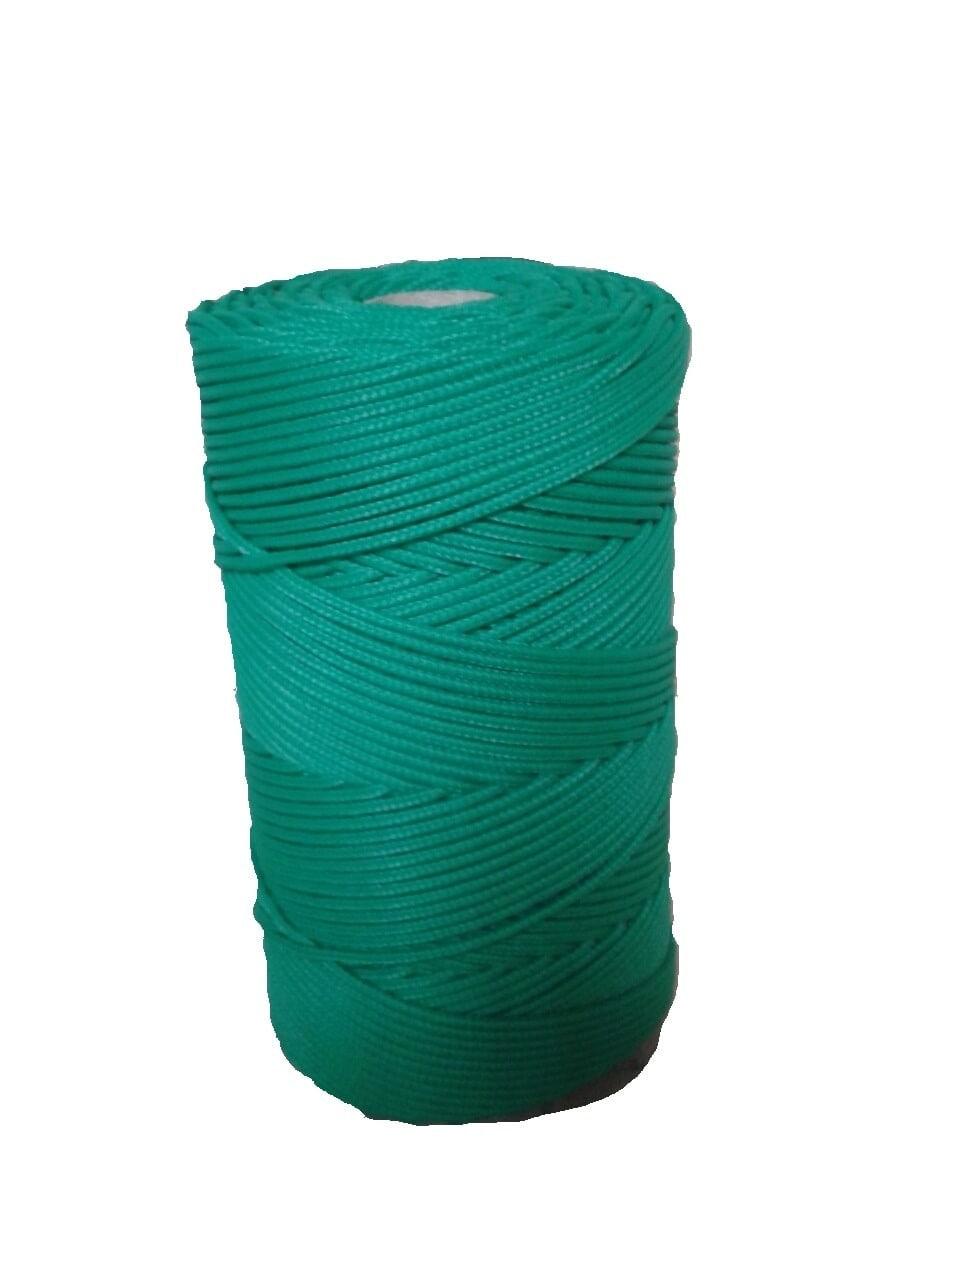 Corda Trançada de Polipropileno Verde Bandeira 5.0 mm